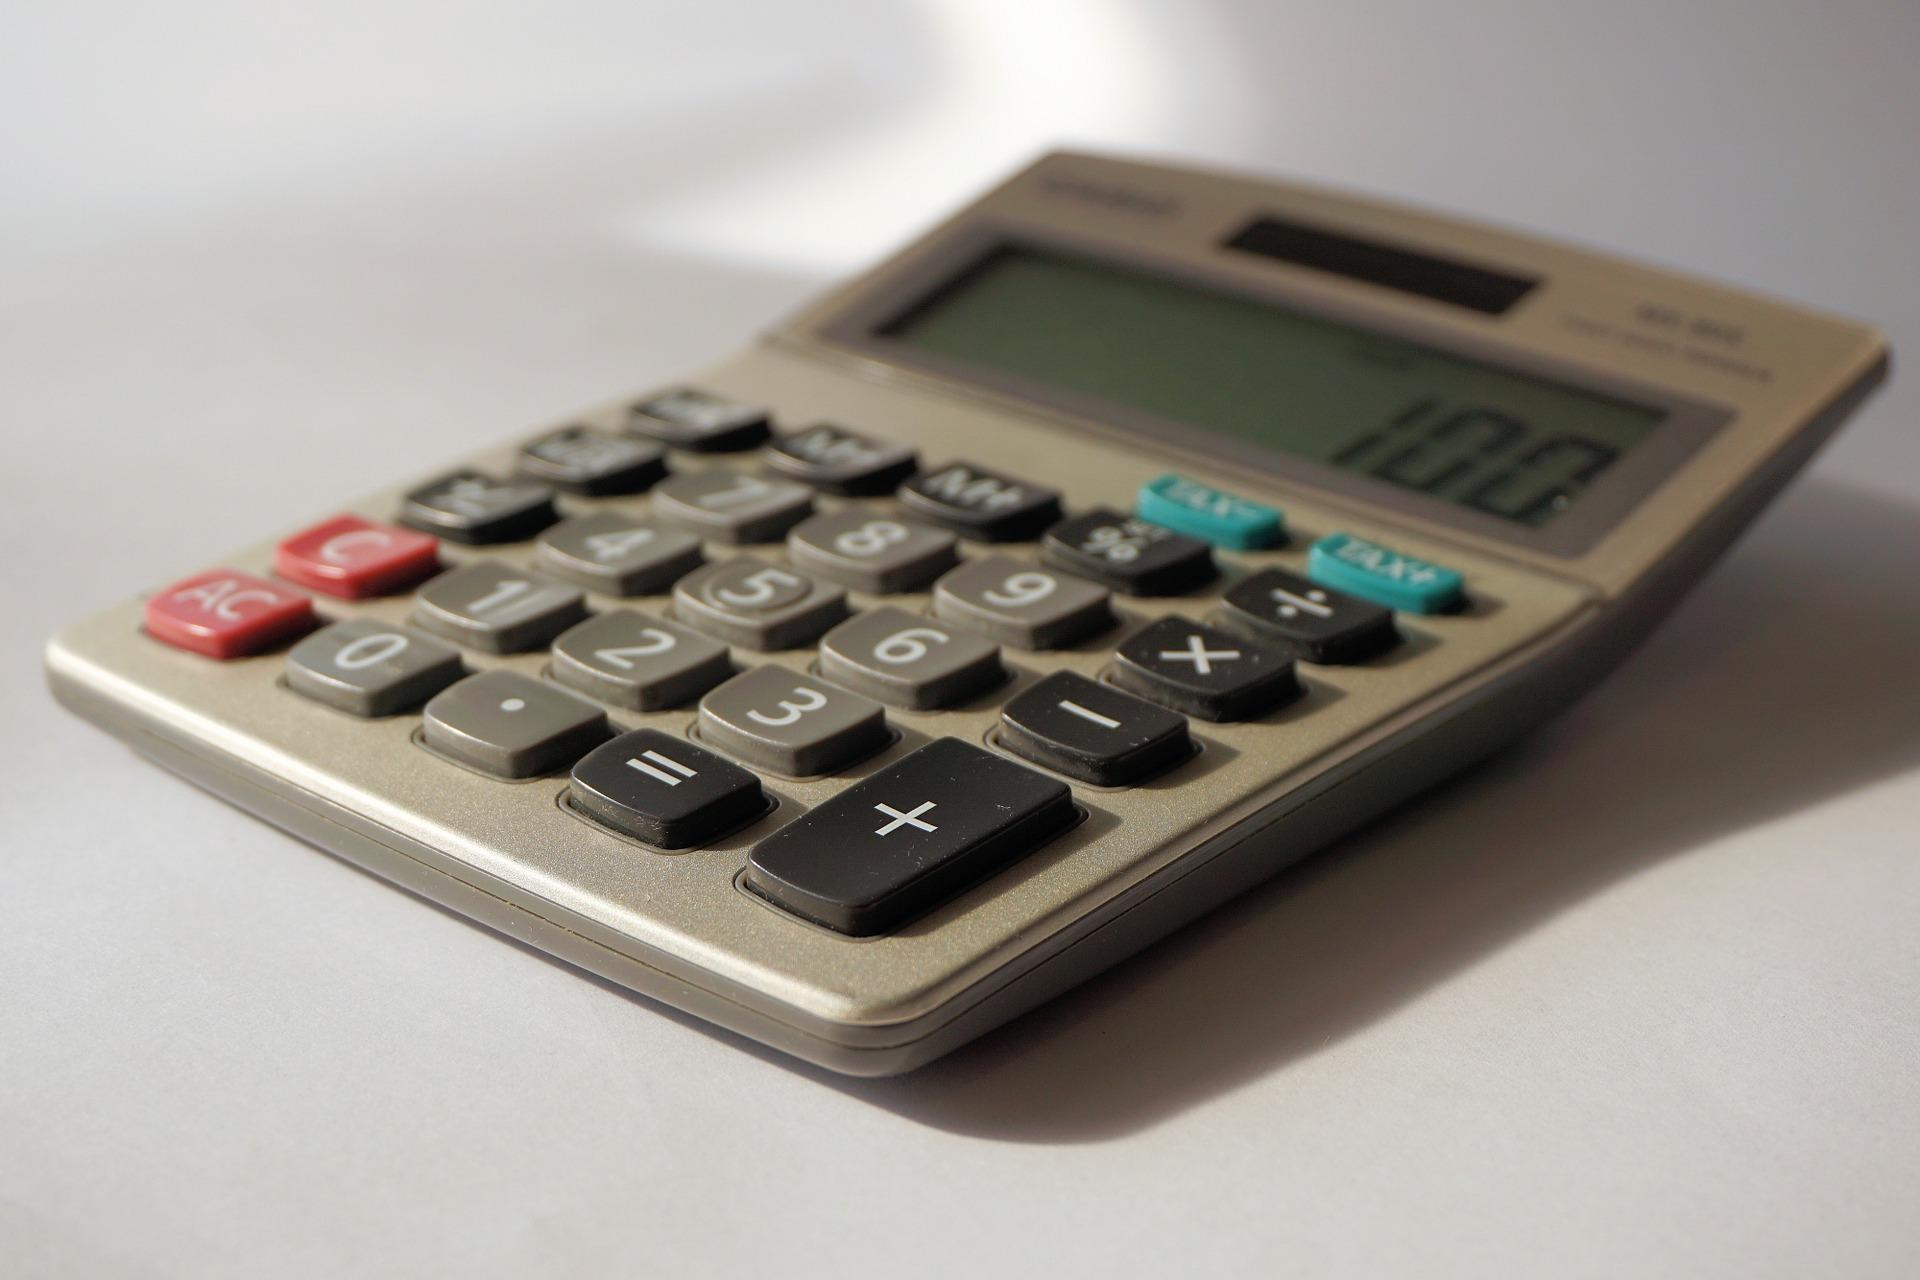 Gesonderte Feststellung des Bestands des steuerlichen Einlagekontos - und die Berichtigung offenbarer Unrichtigkeiten